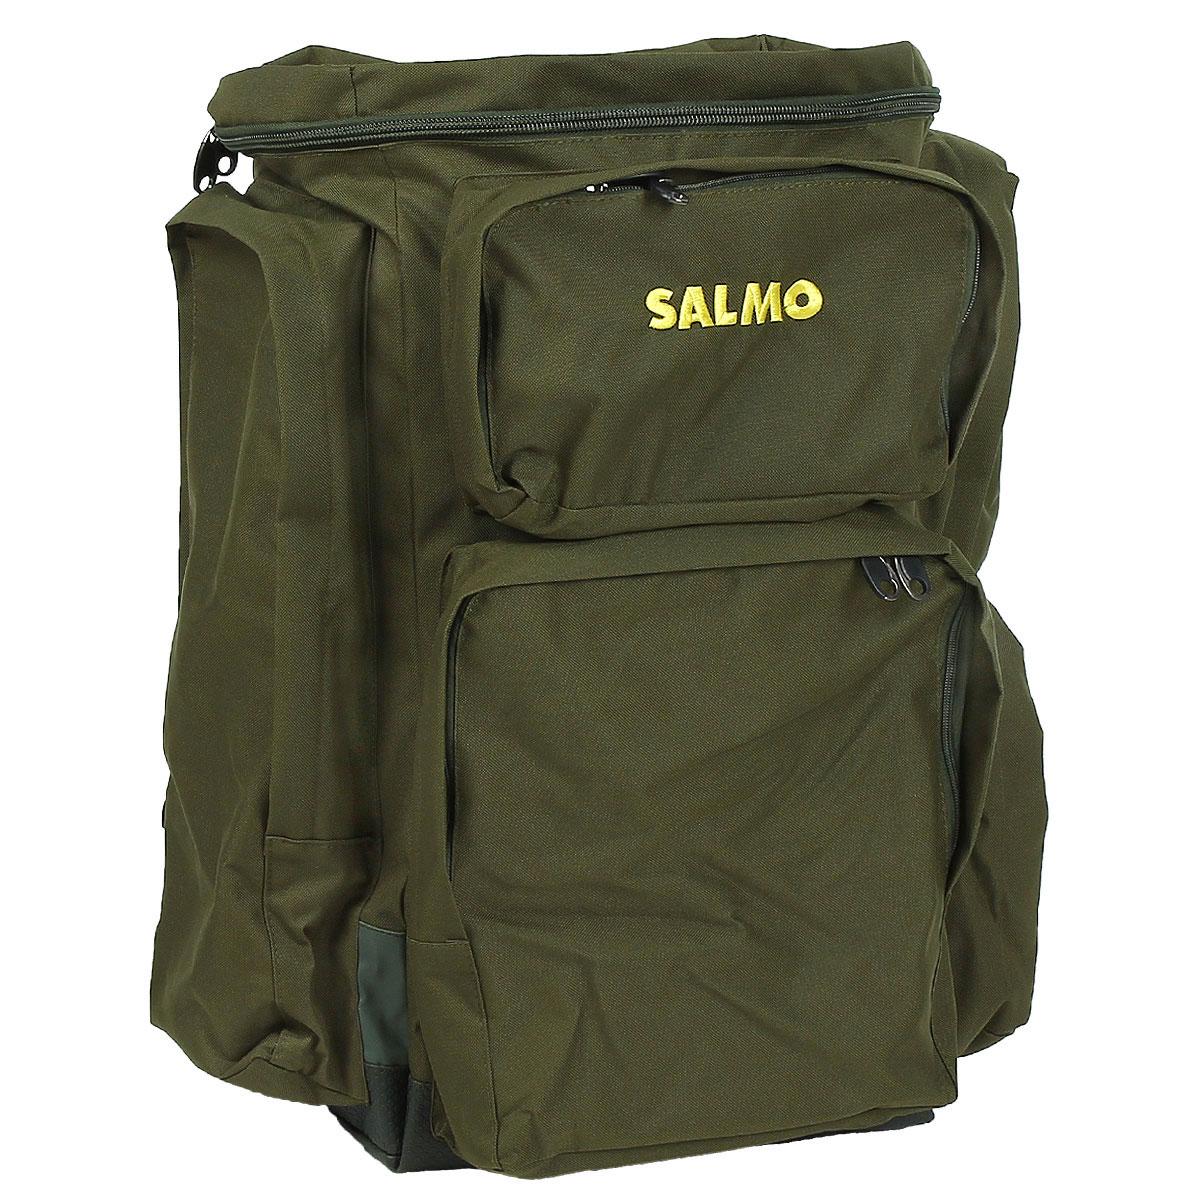 Рюкзак рыболовный Salmo 105 л, цвет: зеленый ящик рыболовный salmo трехполочный цвет зеленый